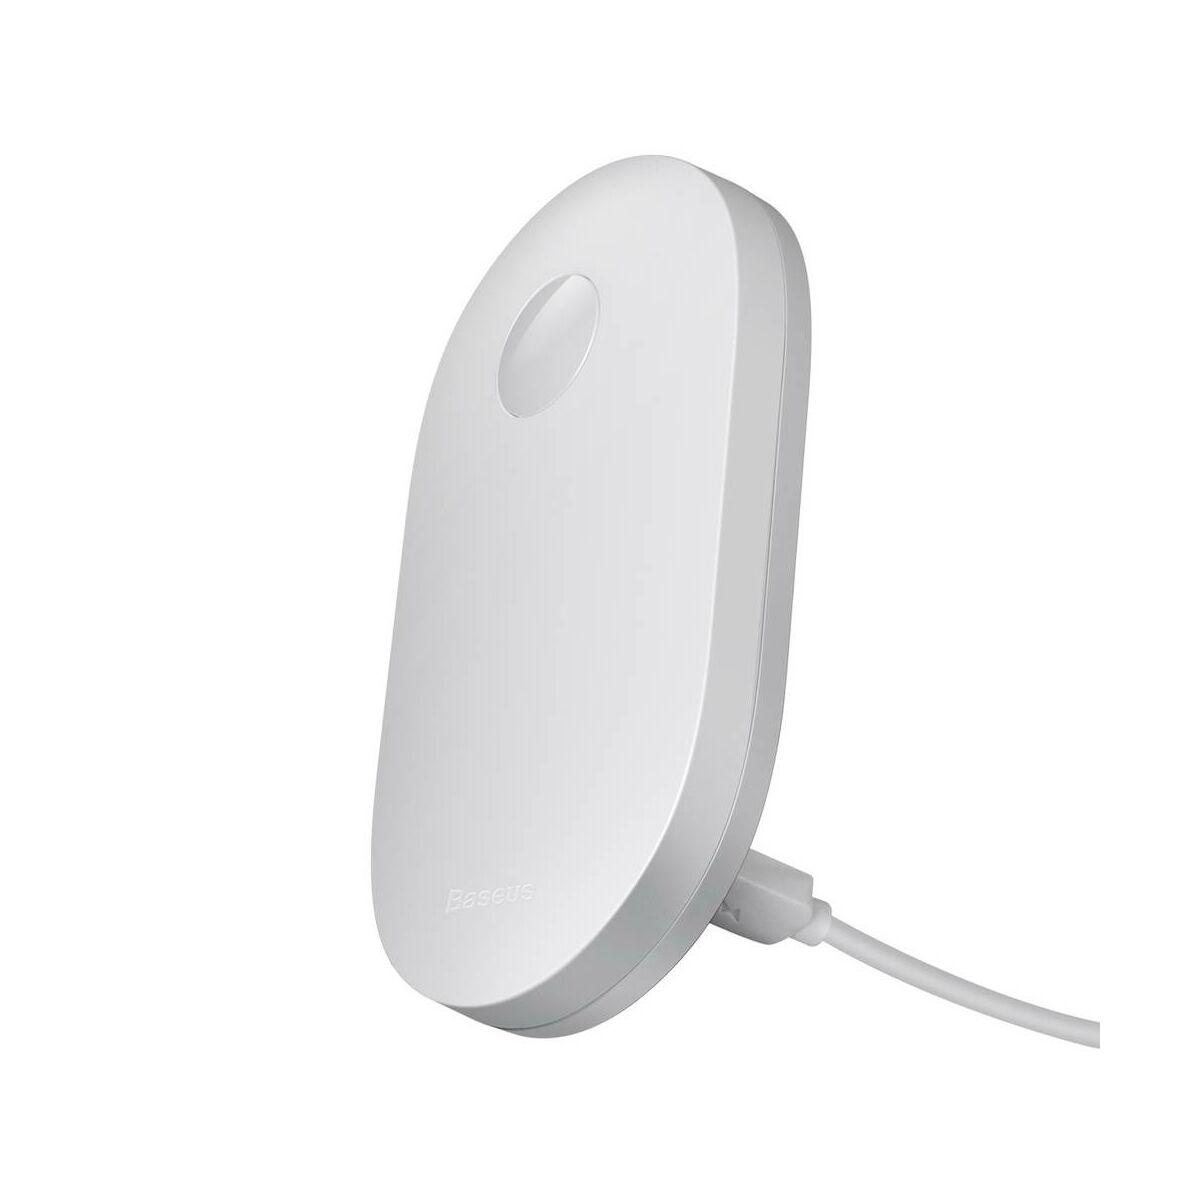 Baseus otthon, Sunshine series falra szerelhető LED lámpa + töltő kábel, vékony, természetes fehér fény, (DGSUN-RA02)